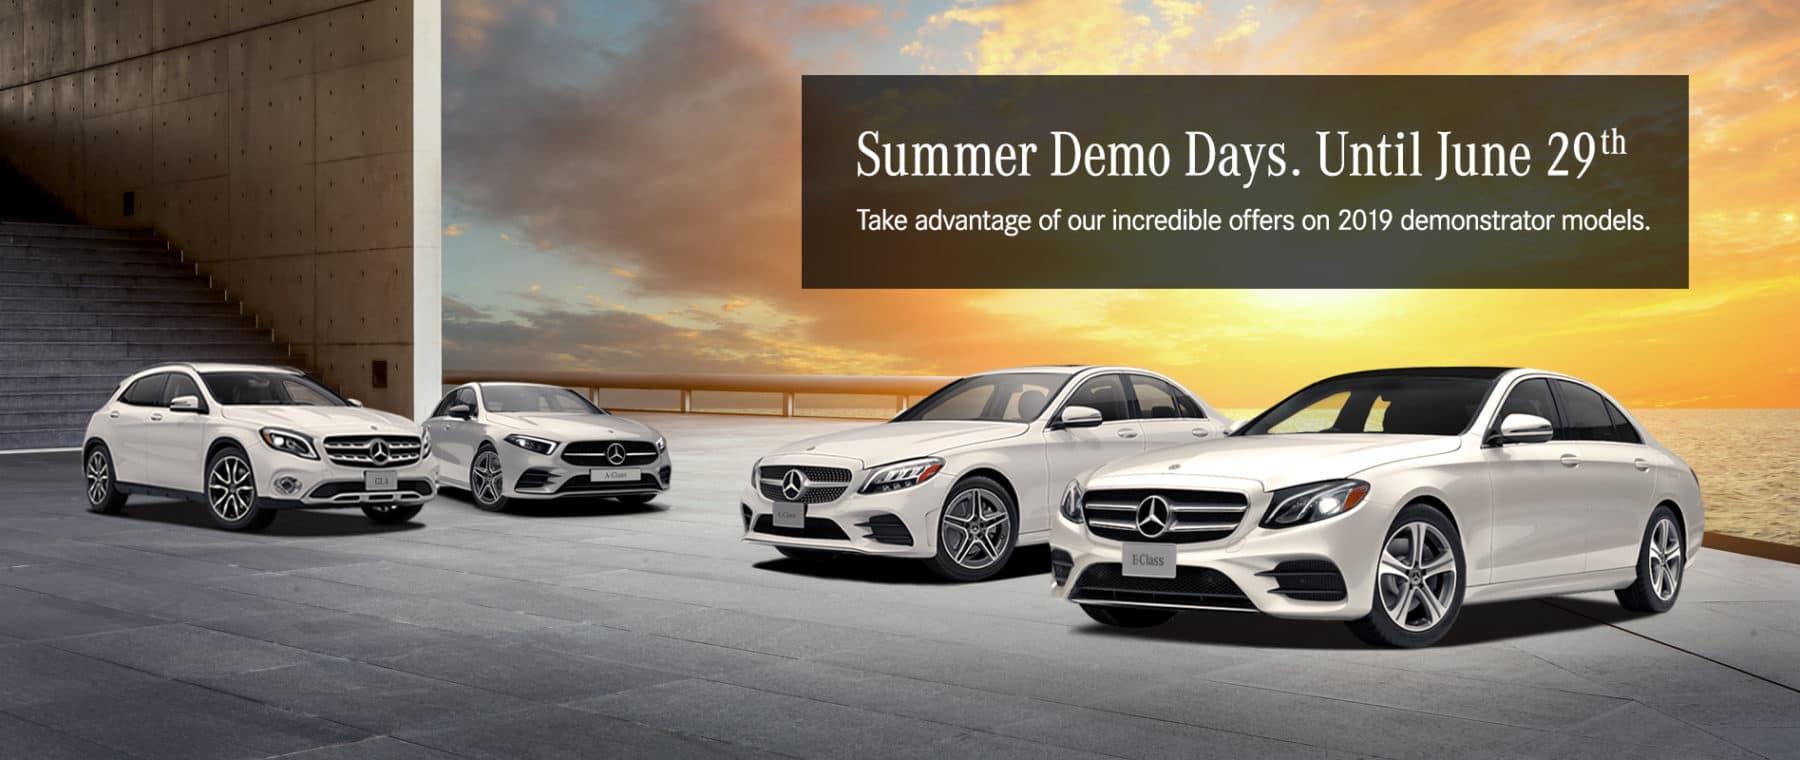 1920x800_HP-SLIDER_2019-06_Summer-Demo-Days